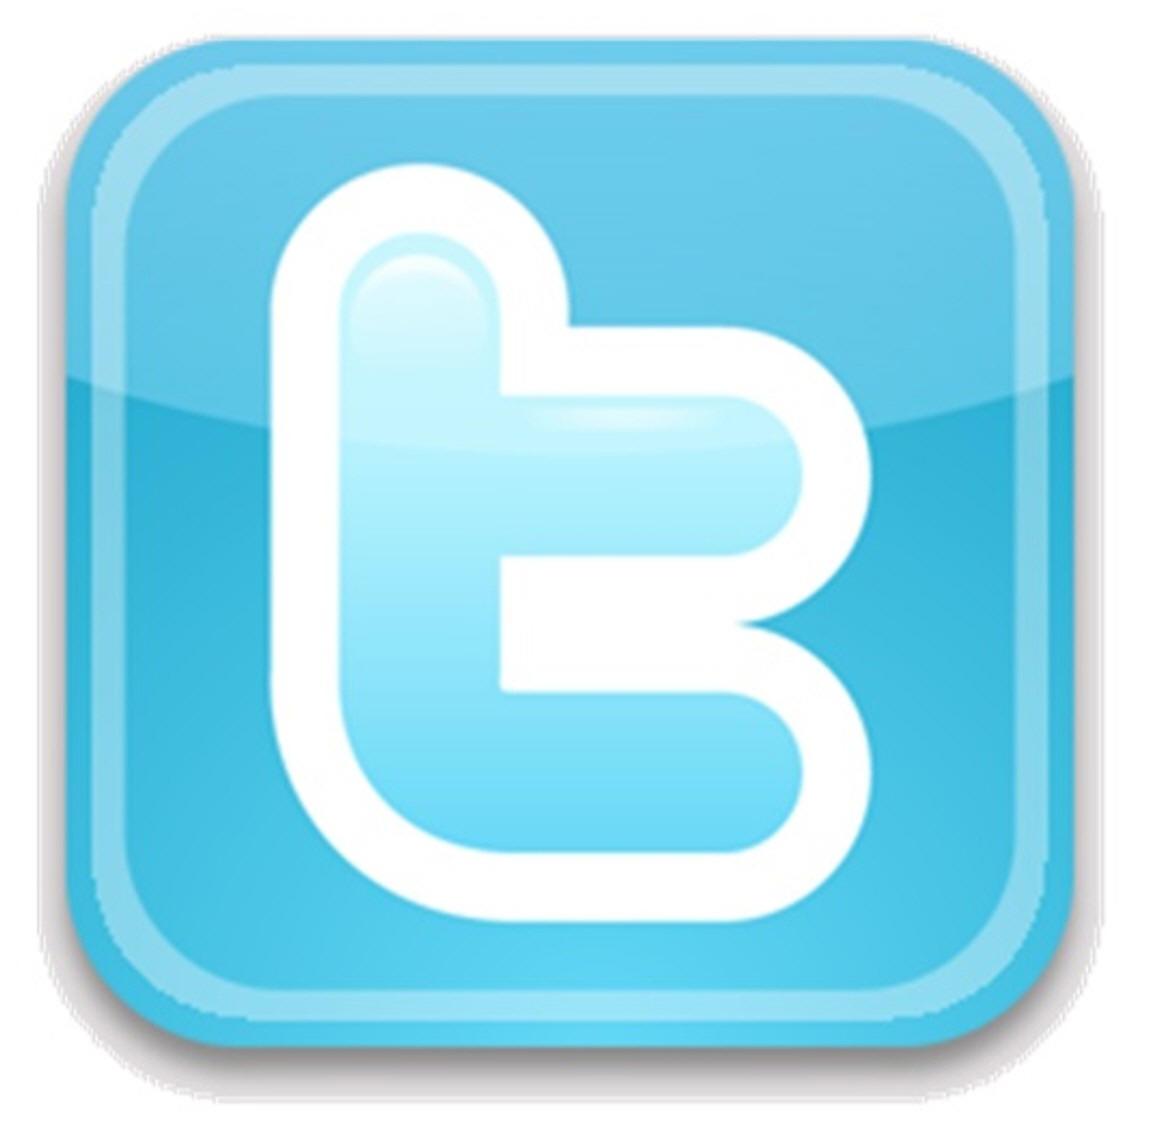 Bellaflor auf Twitter